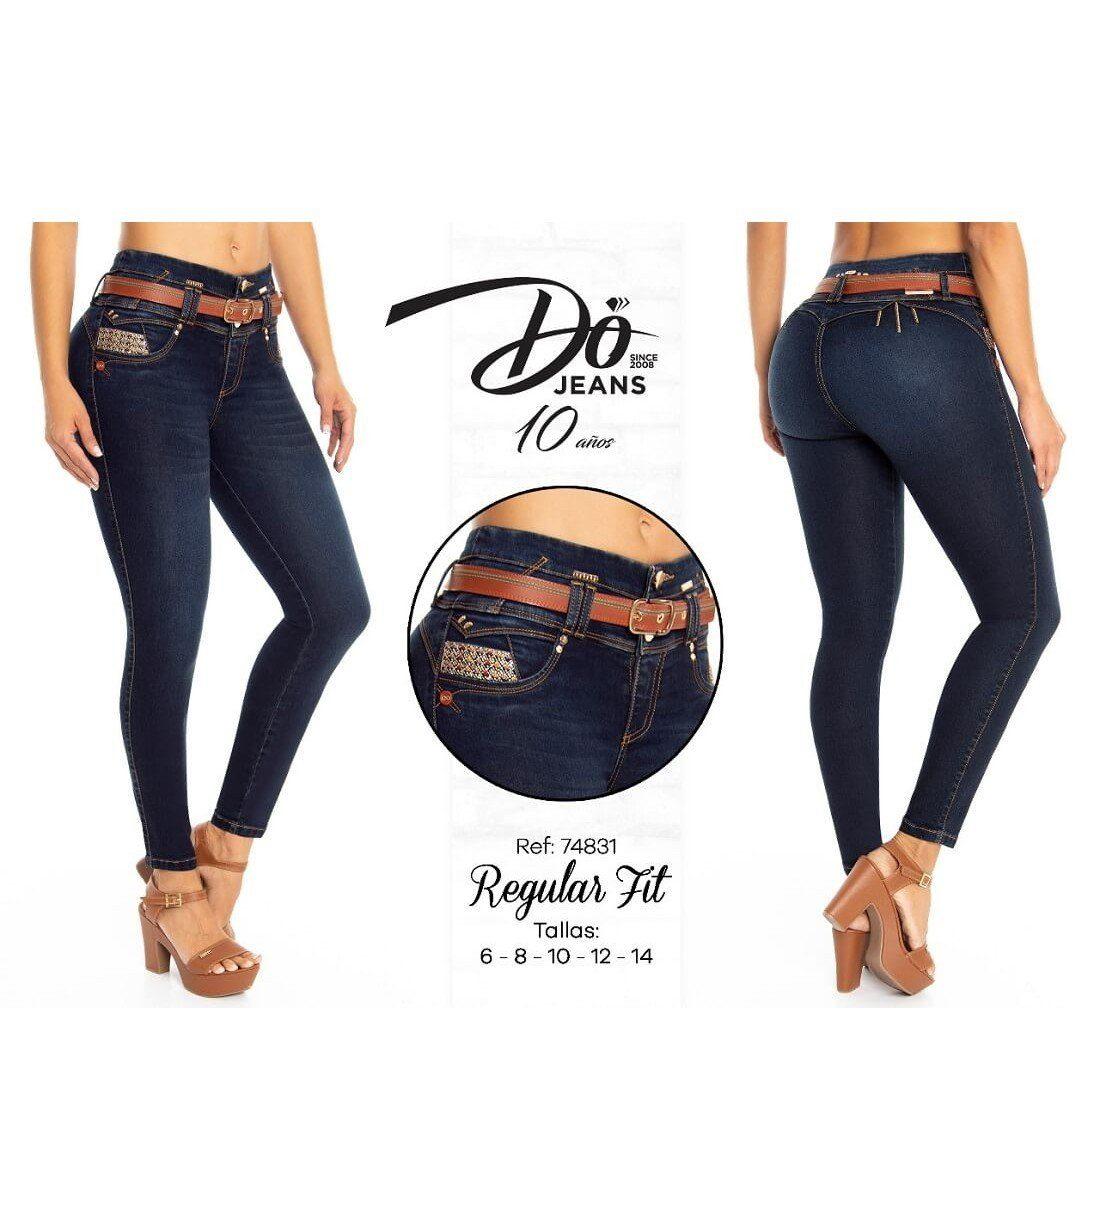 Pantalon Colombiano Do Jeans -74831